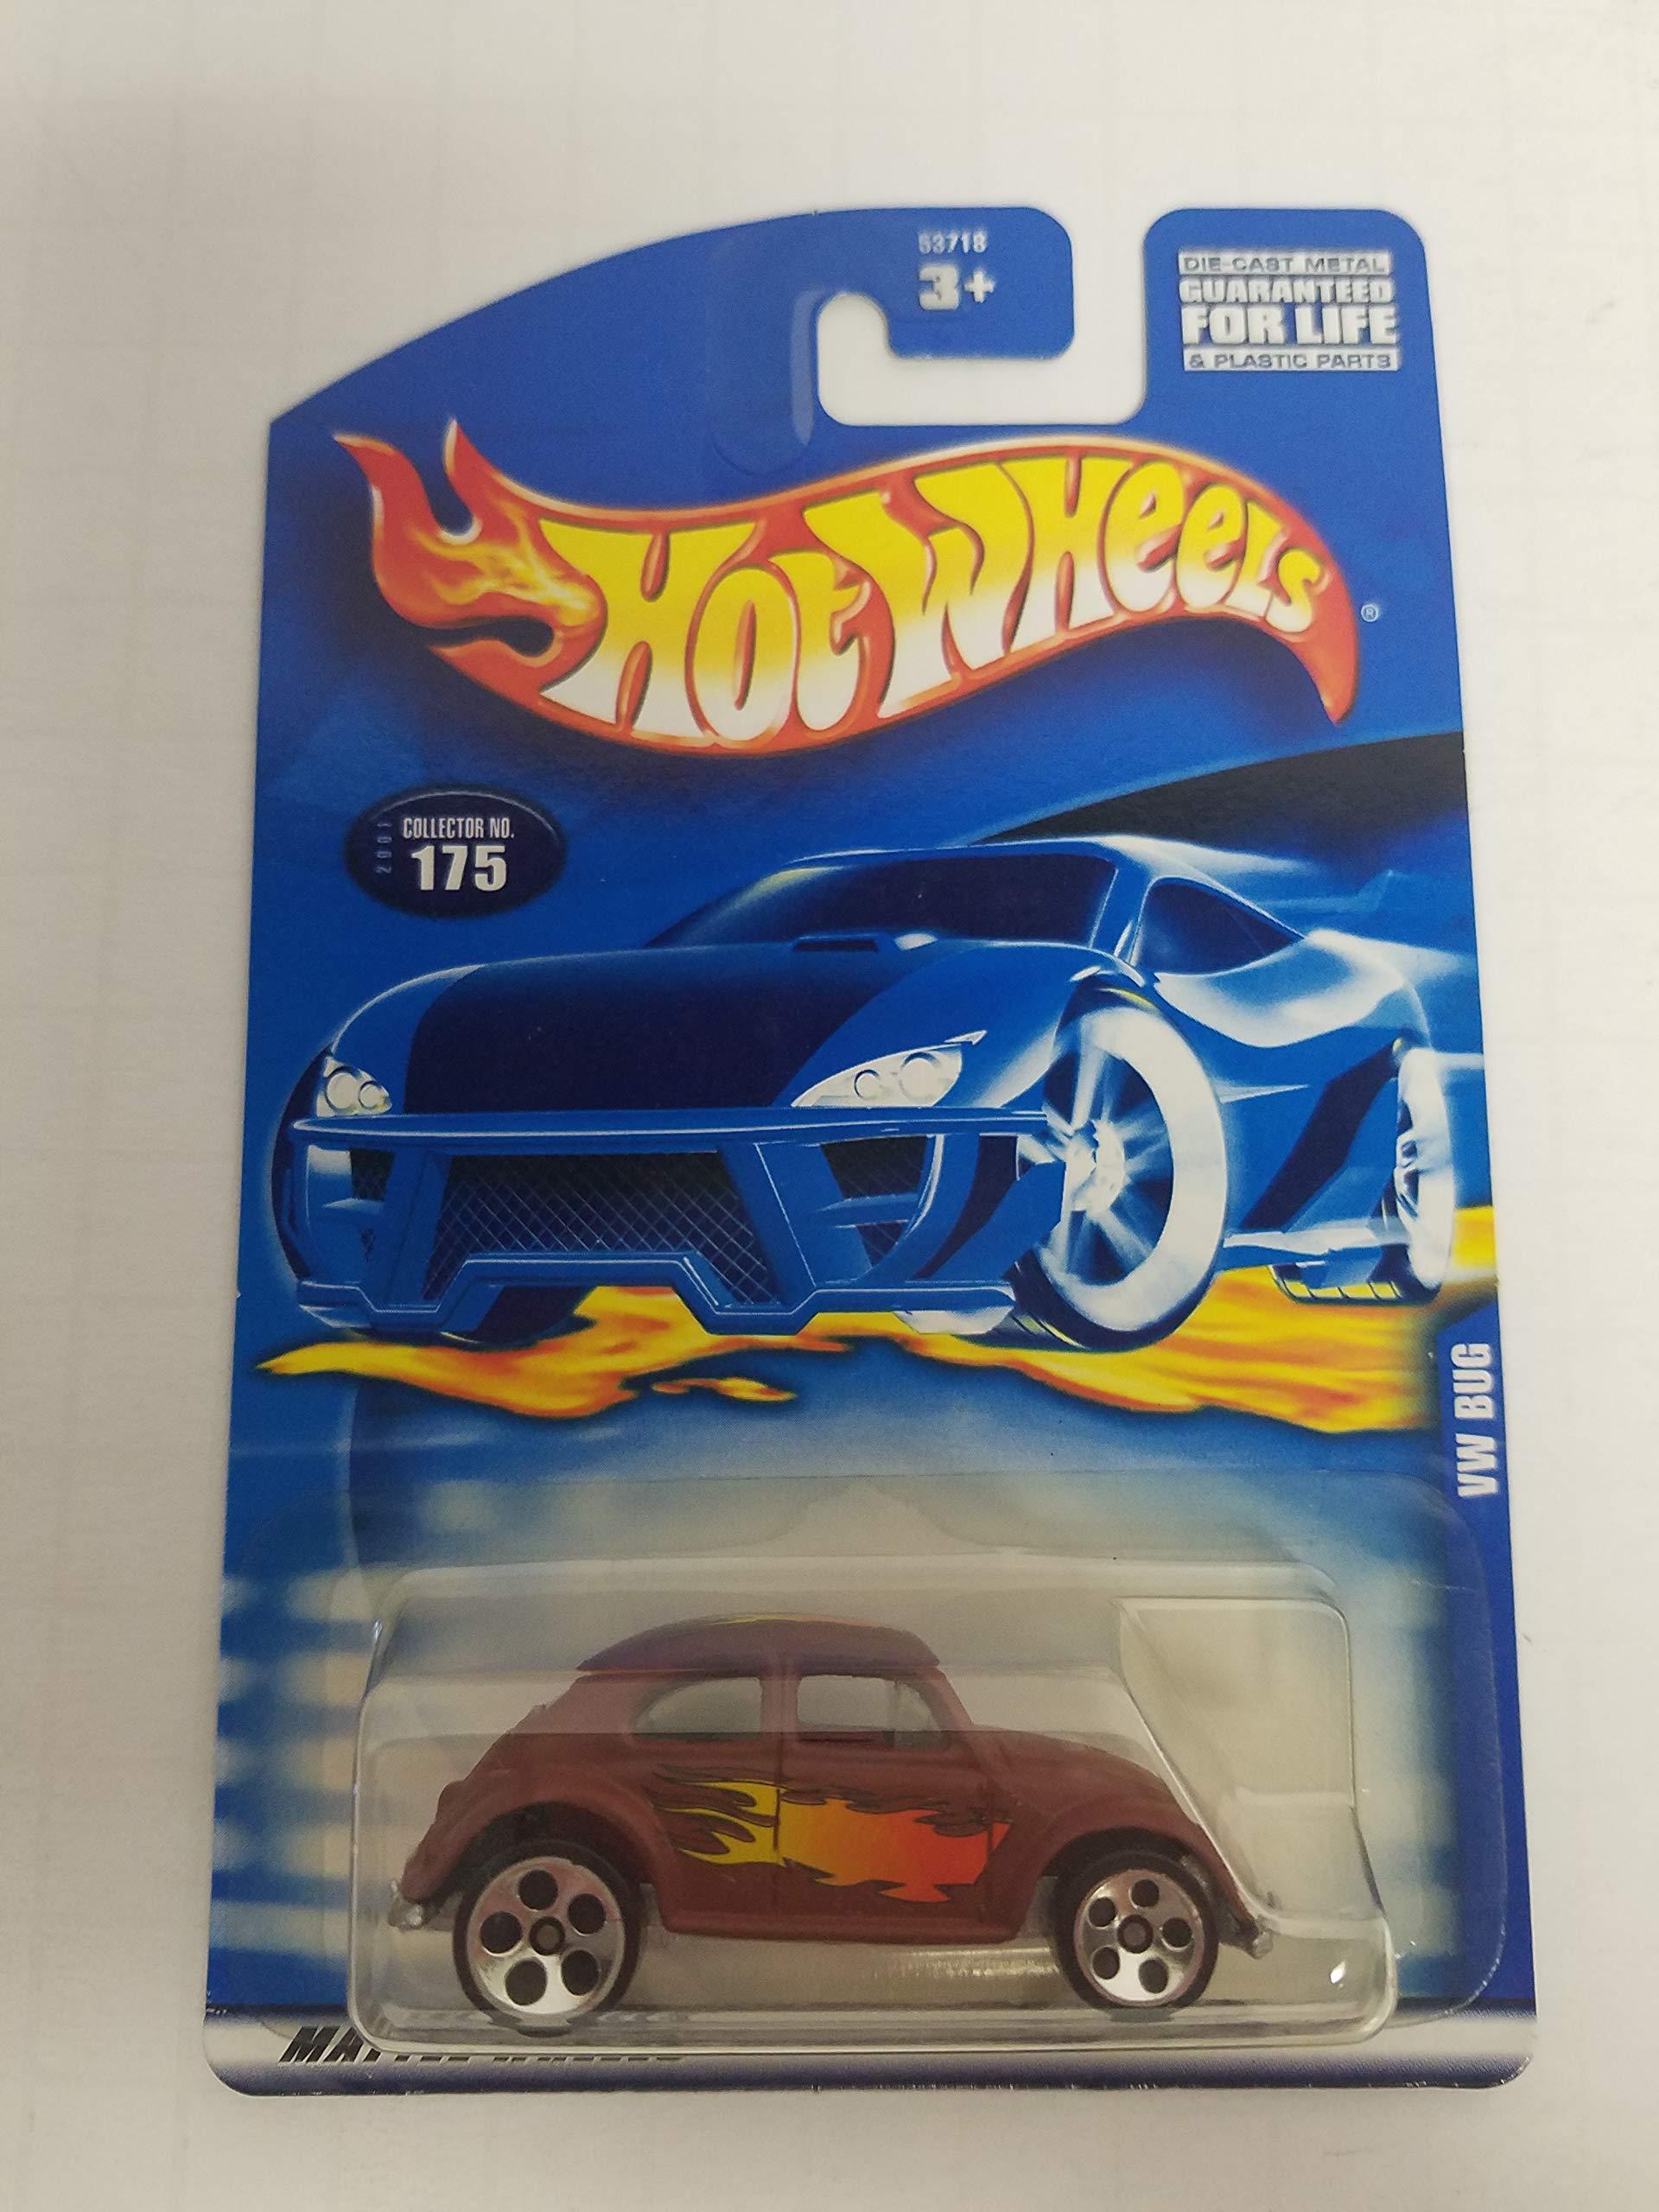 VW Bug Hot Wheels 2001 diecast 1/64 scale car No. 175